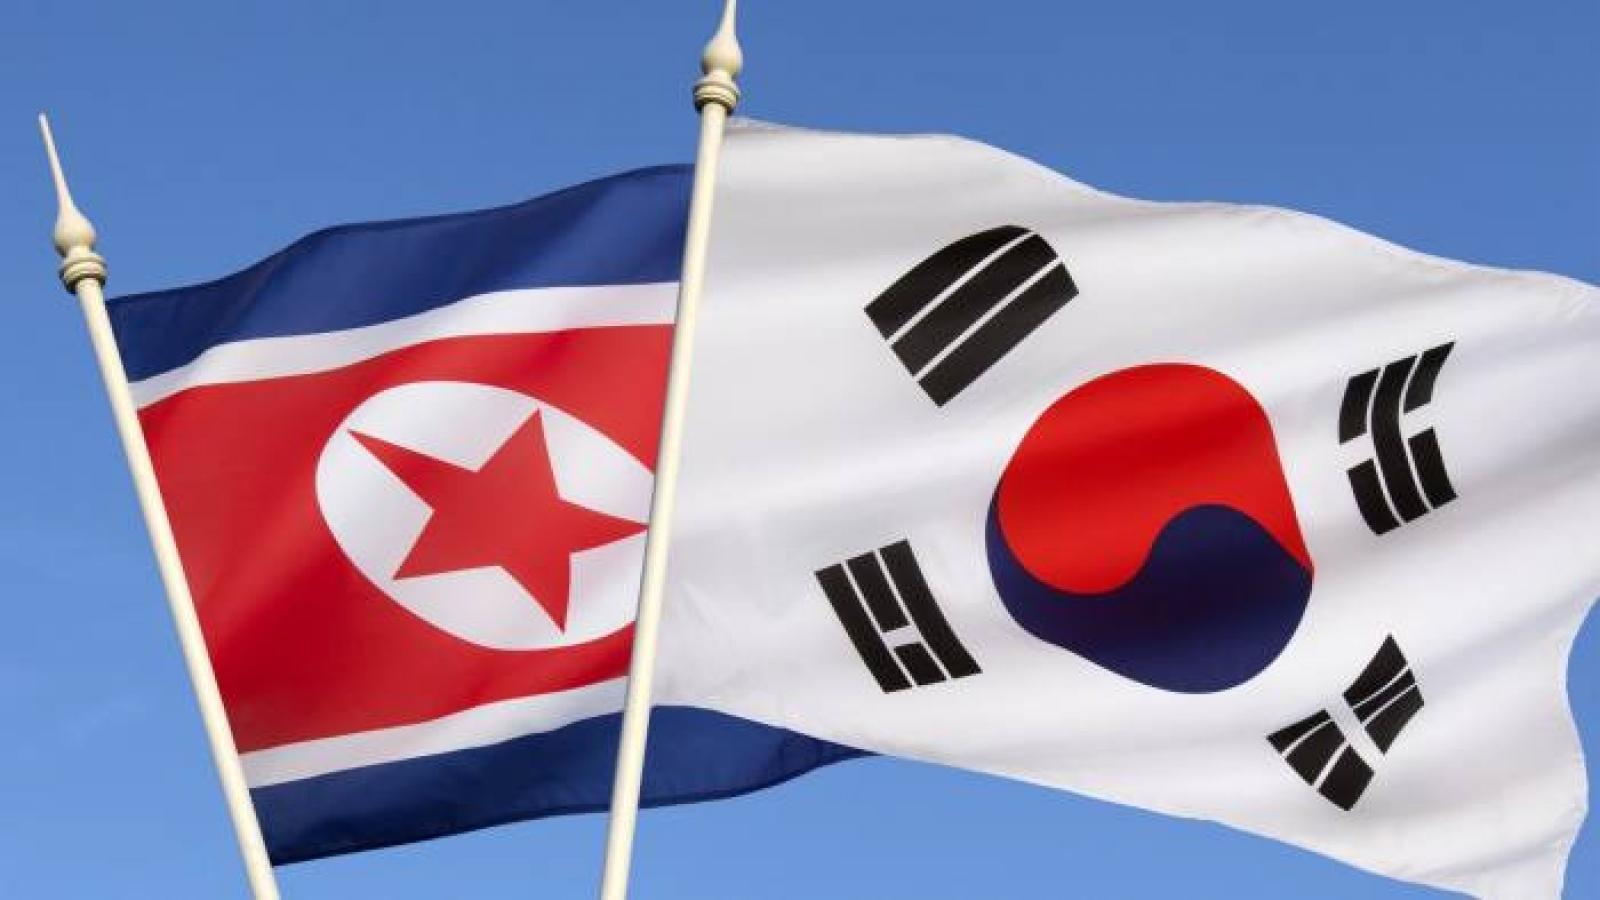 Hàn - Triều khôi phục đường dây nóng: Bước tiến lớn khôi phục lòng tin